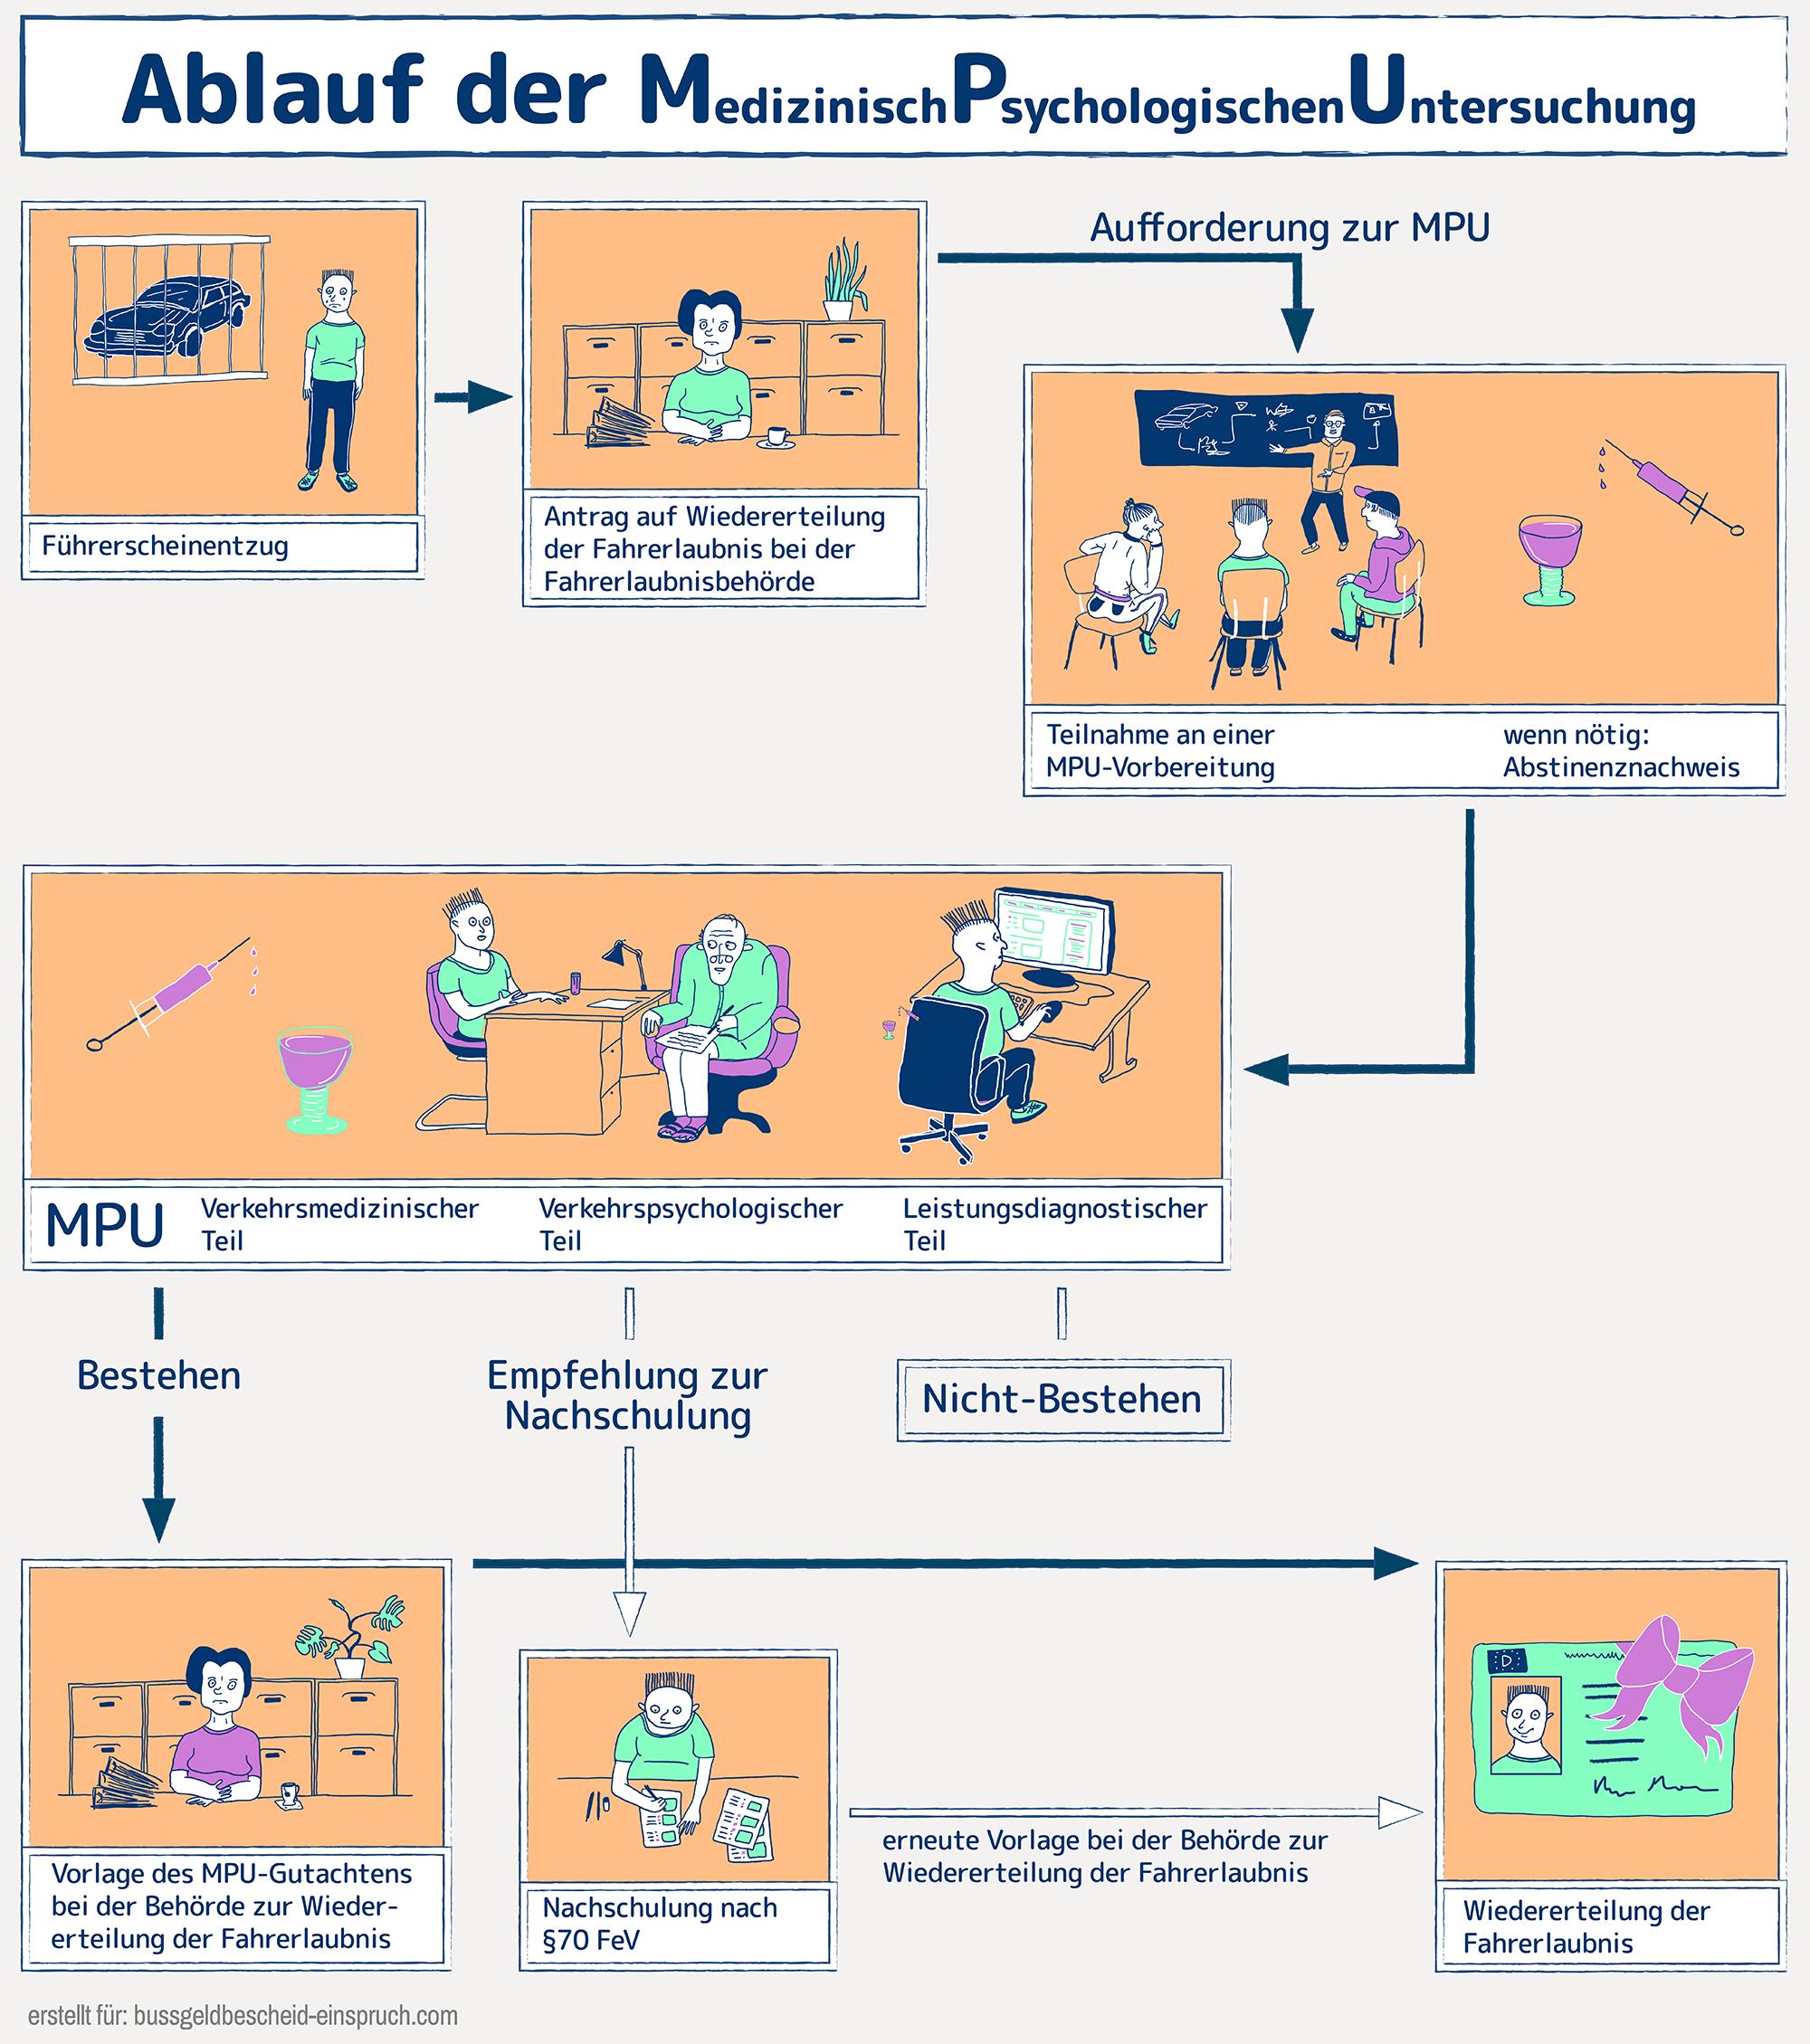 Mpu Droht Die Medizinisch Psychologische Untersuchung Psychologisch Medizin Untersuchung